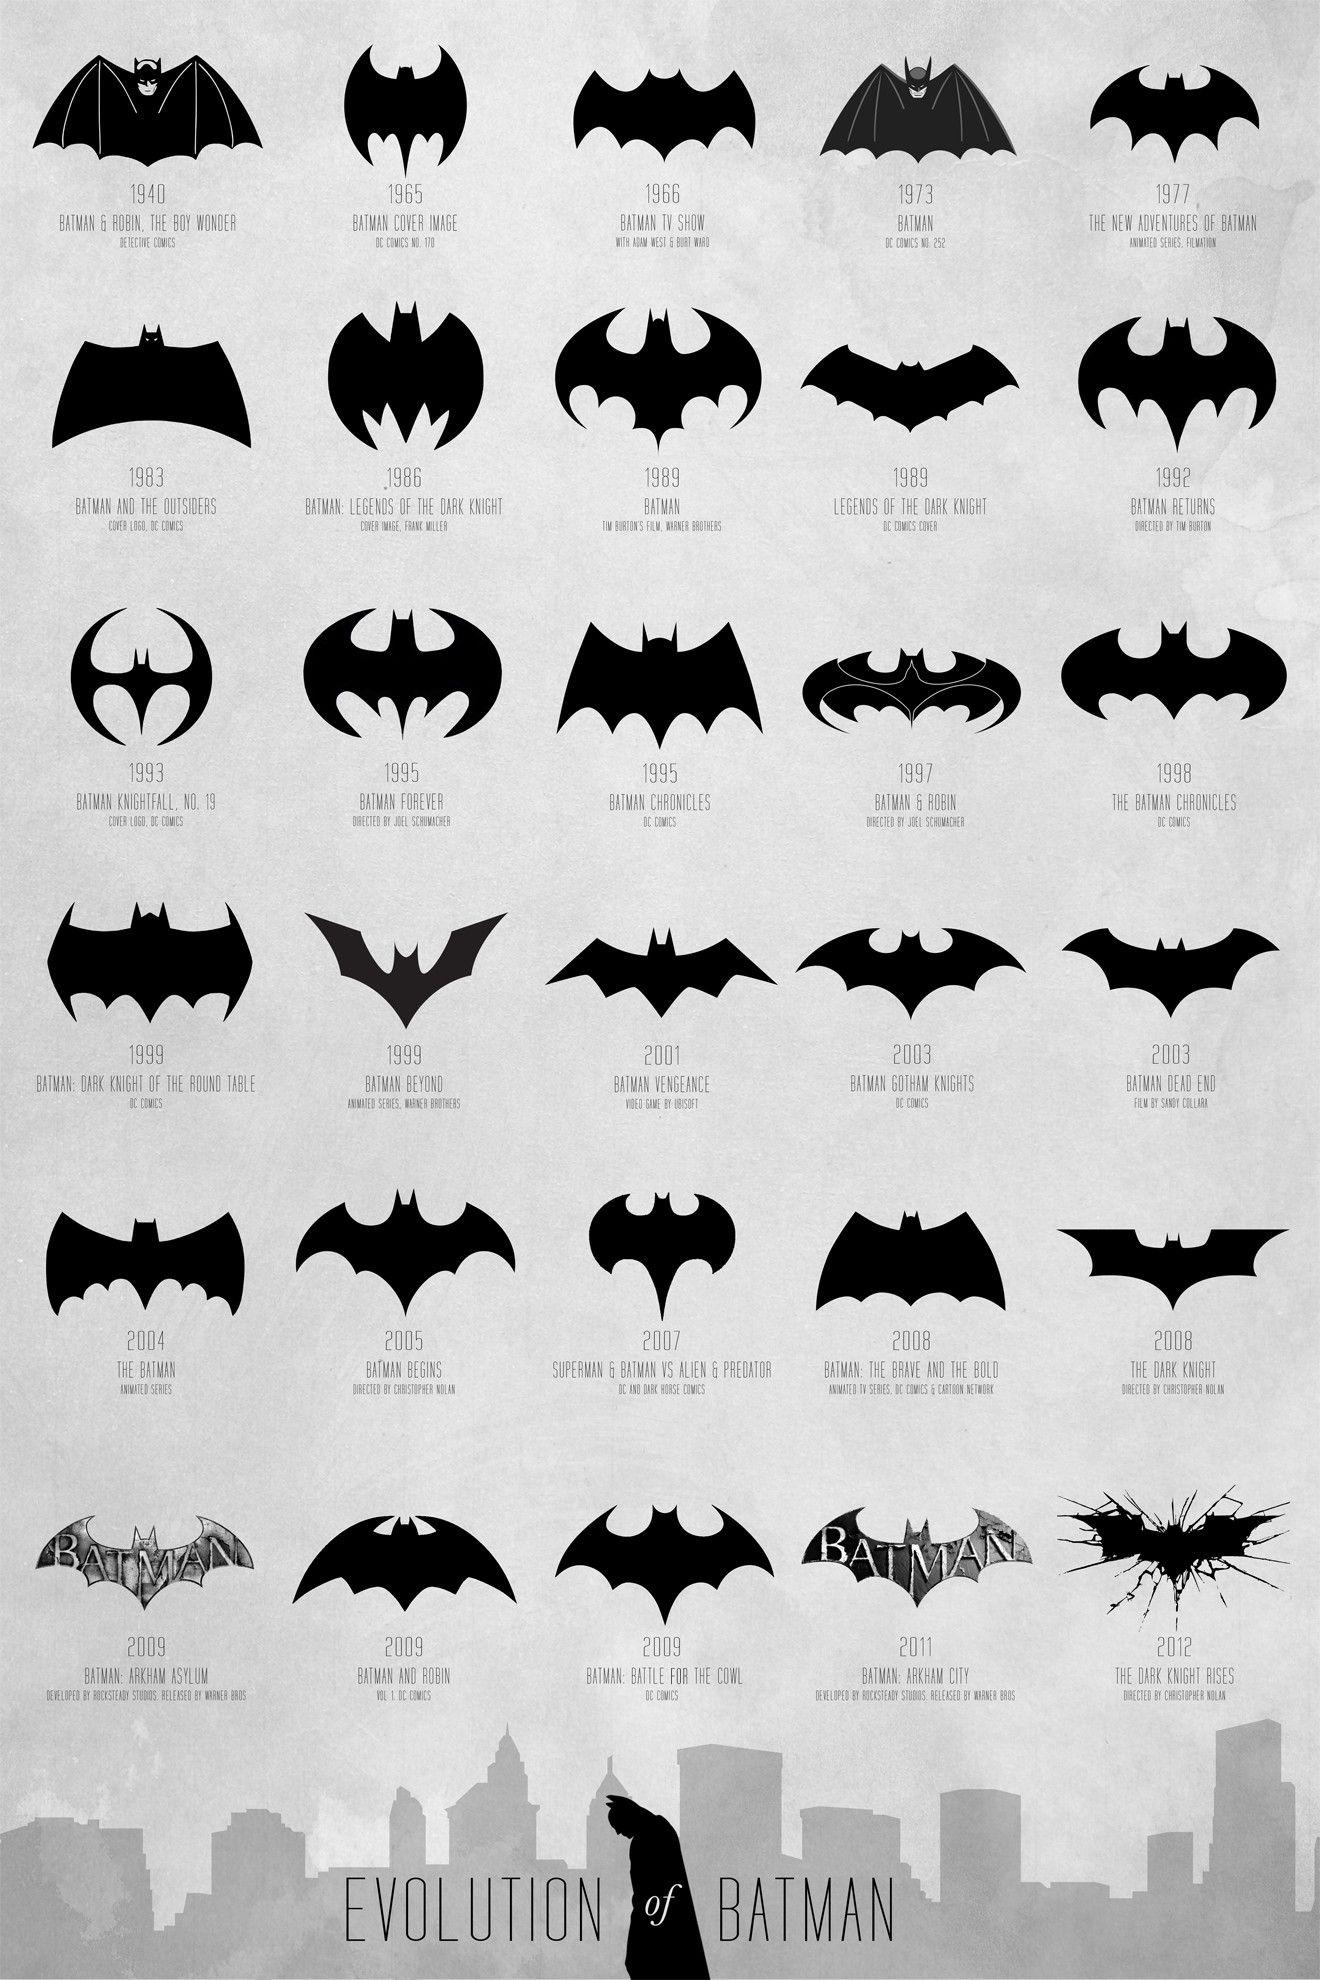 Evolution Of The Bat Signal Poster Geeky Pinterest Bat Signal